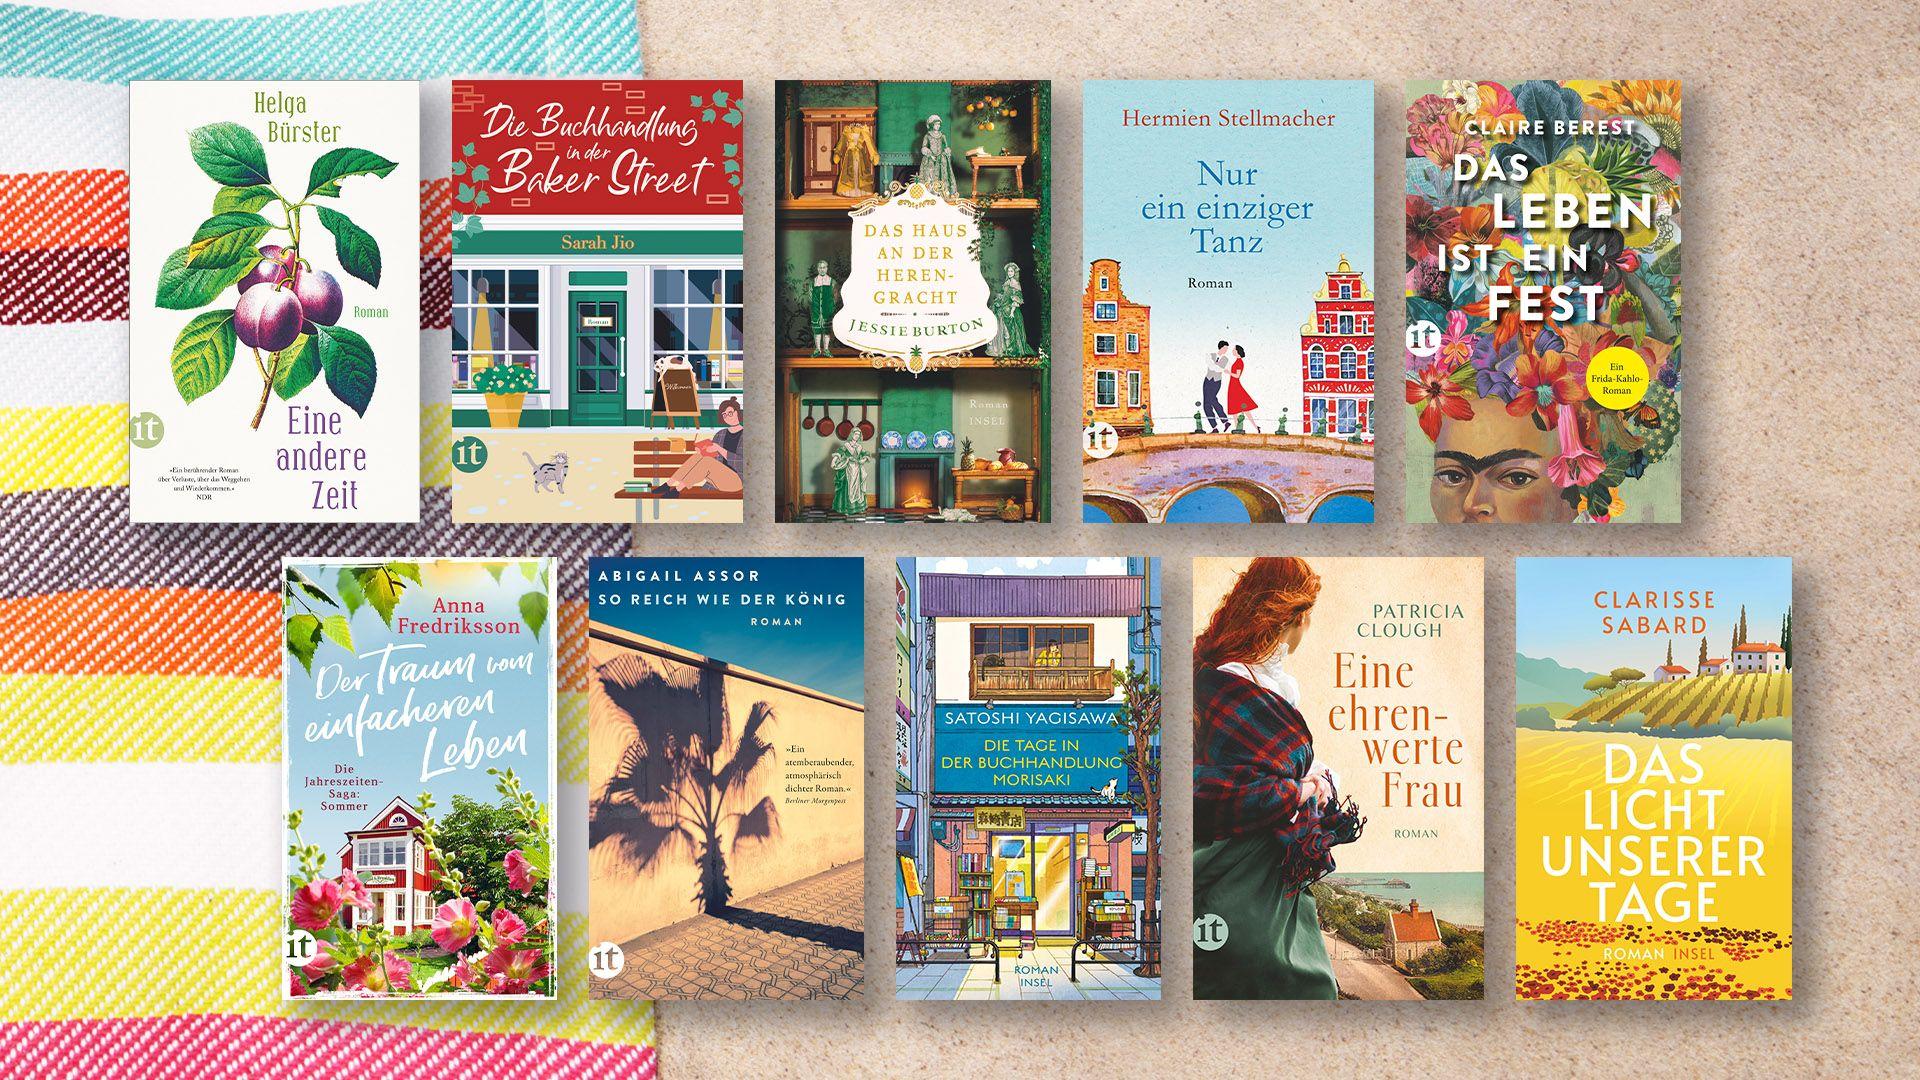 Sonne, Sommer, gute Bücher: 7 Lektüretipps für den perfekten Urlaub